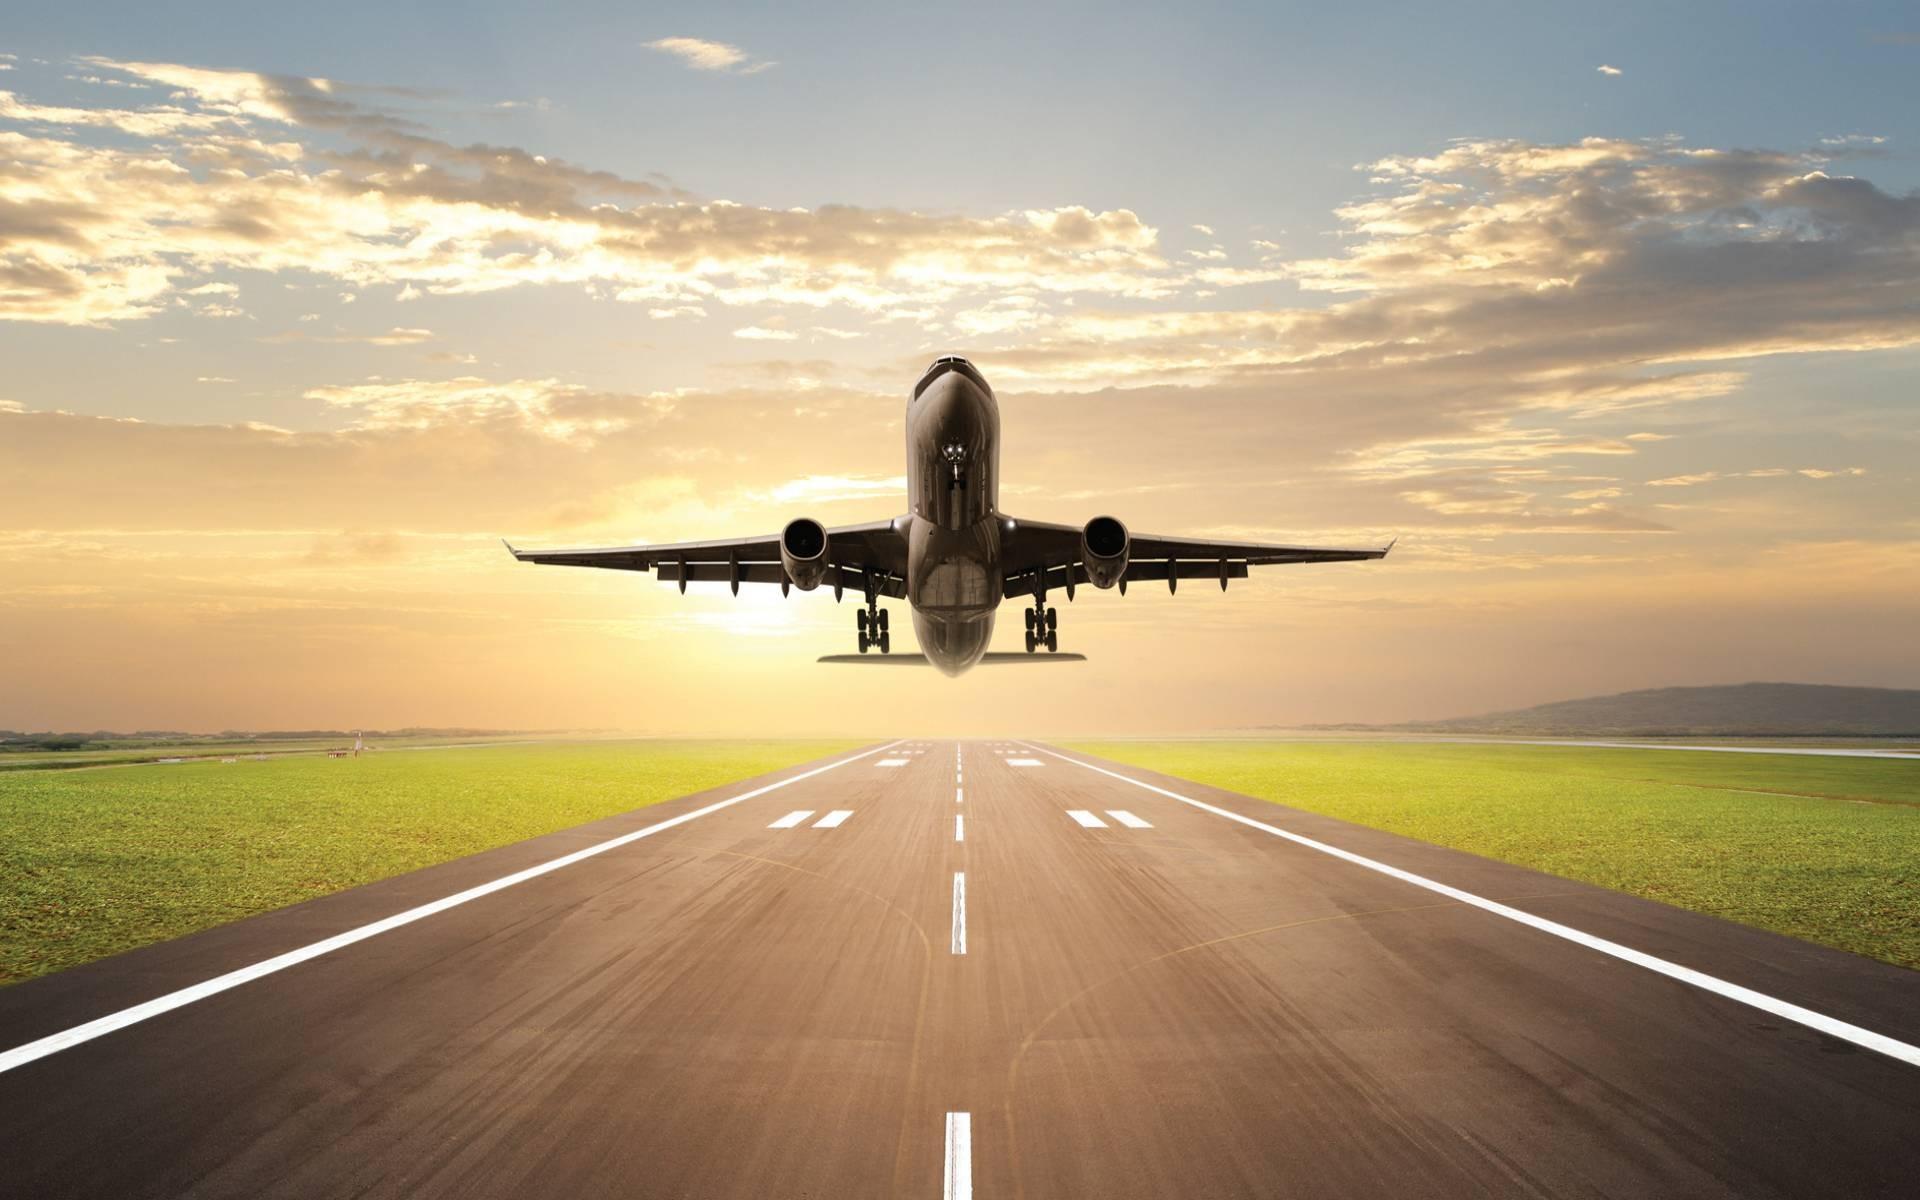 КНР построит аэропорт награнице сПриморьем